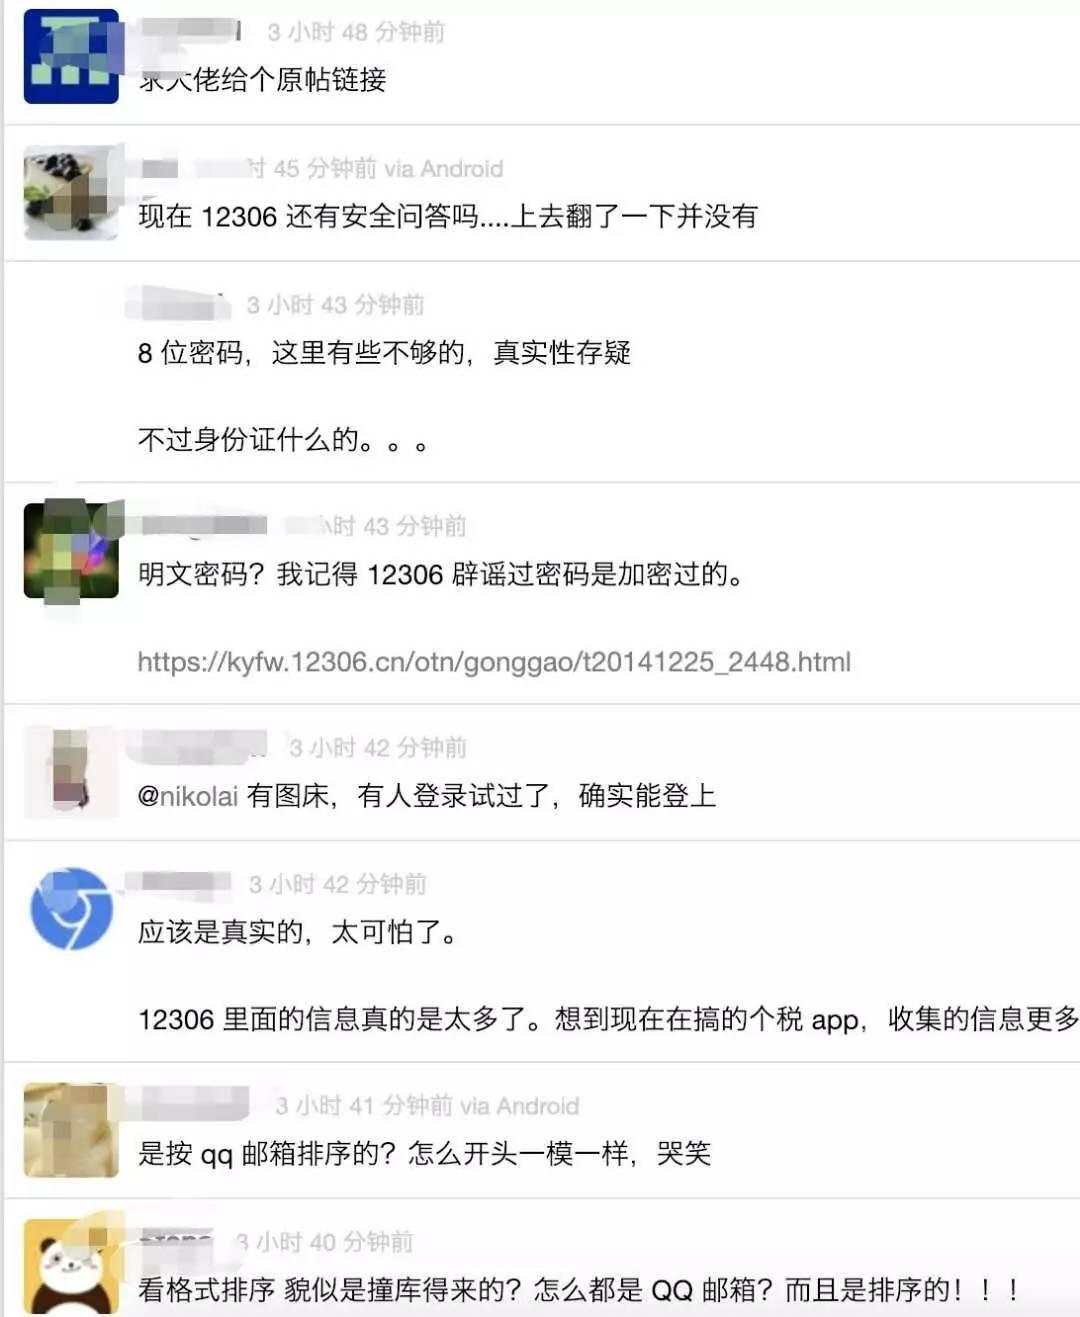 中国大体量网站的安全性和稳定性真的很成问题